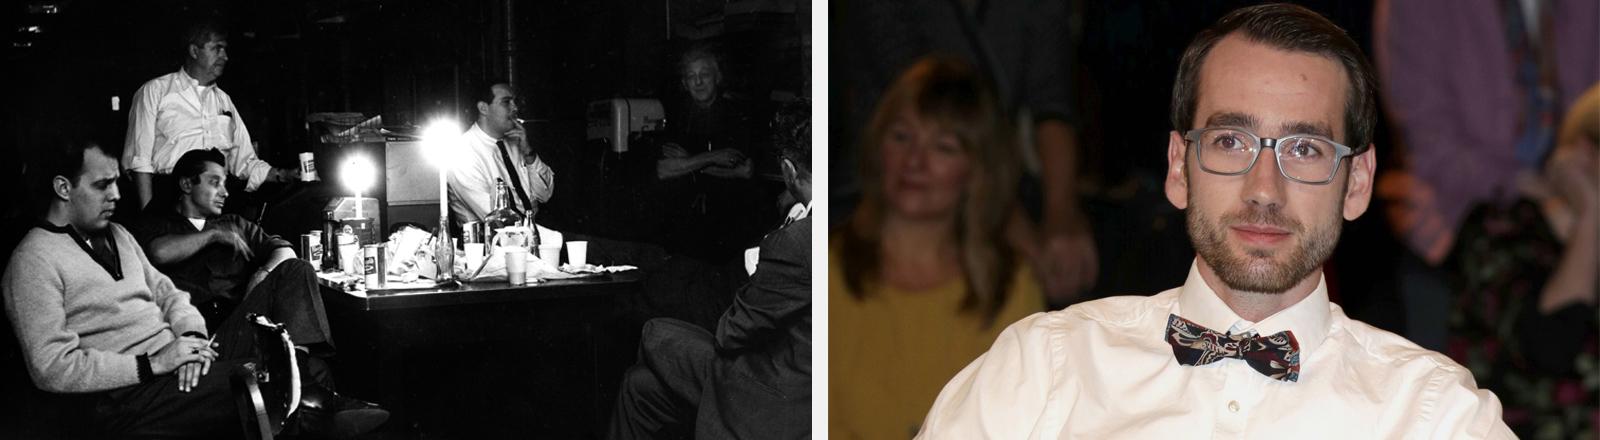 Eine schwarz-weiß Aufnahme von Menschen an einem Tisch mit Getränken und Kerzen. Porträt von Max Rinneberg in einer Fernsehtalkshow.